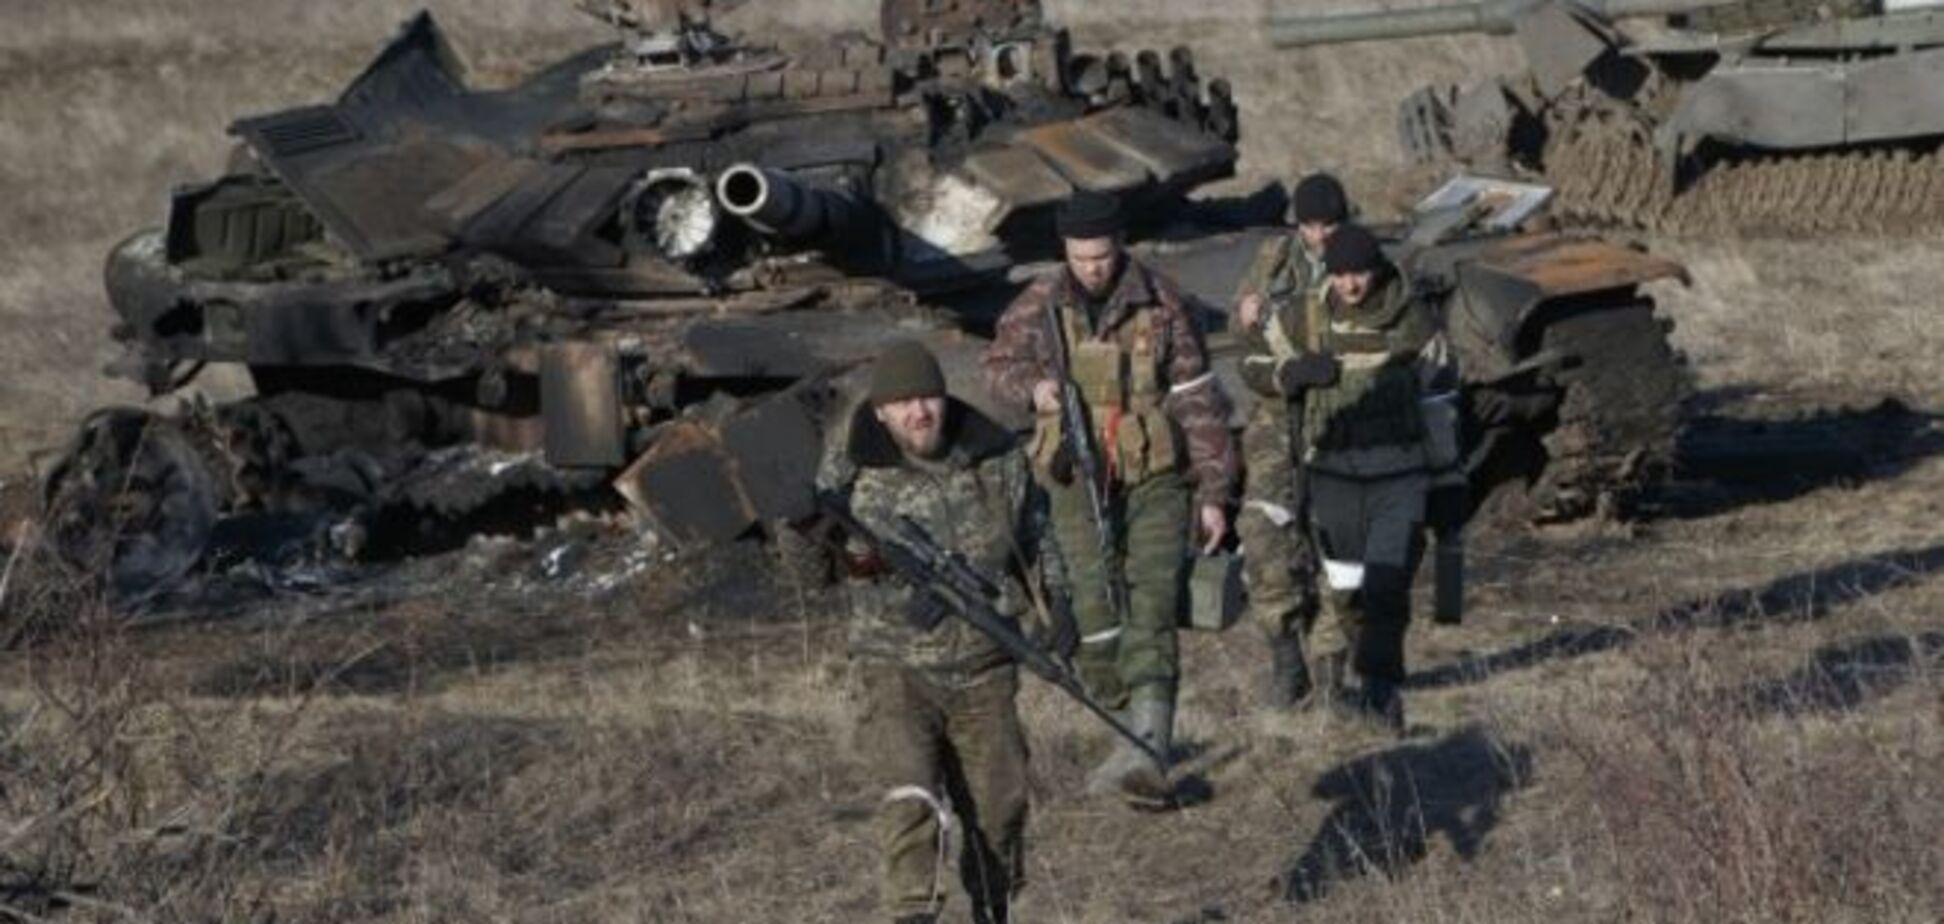 Хаос в 'русском мире': чистки среди 'командиров' и разборки между группами боевиков